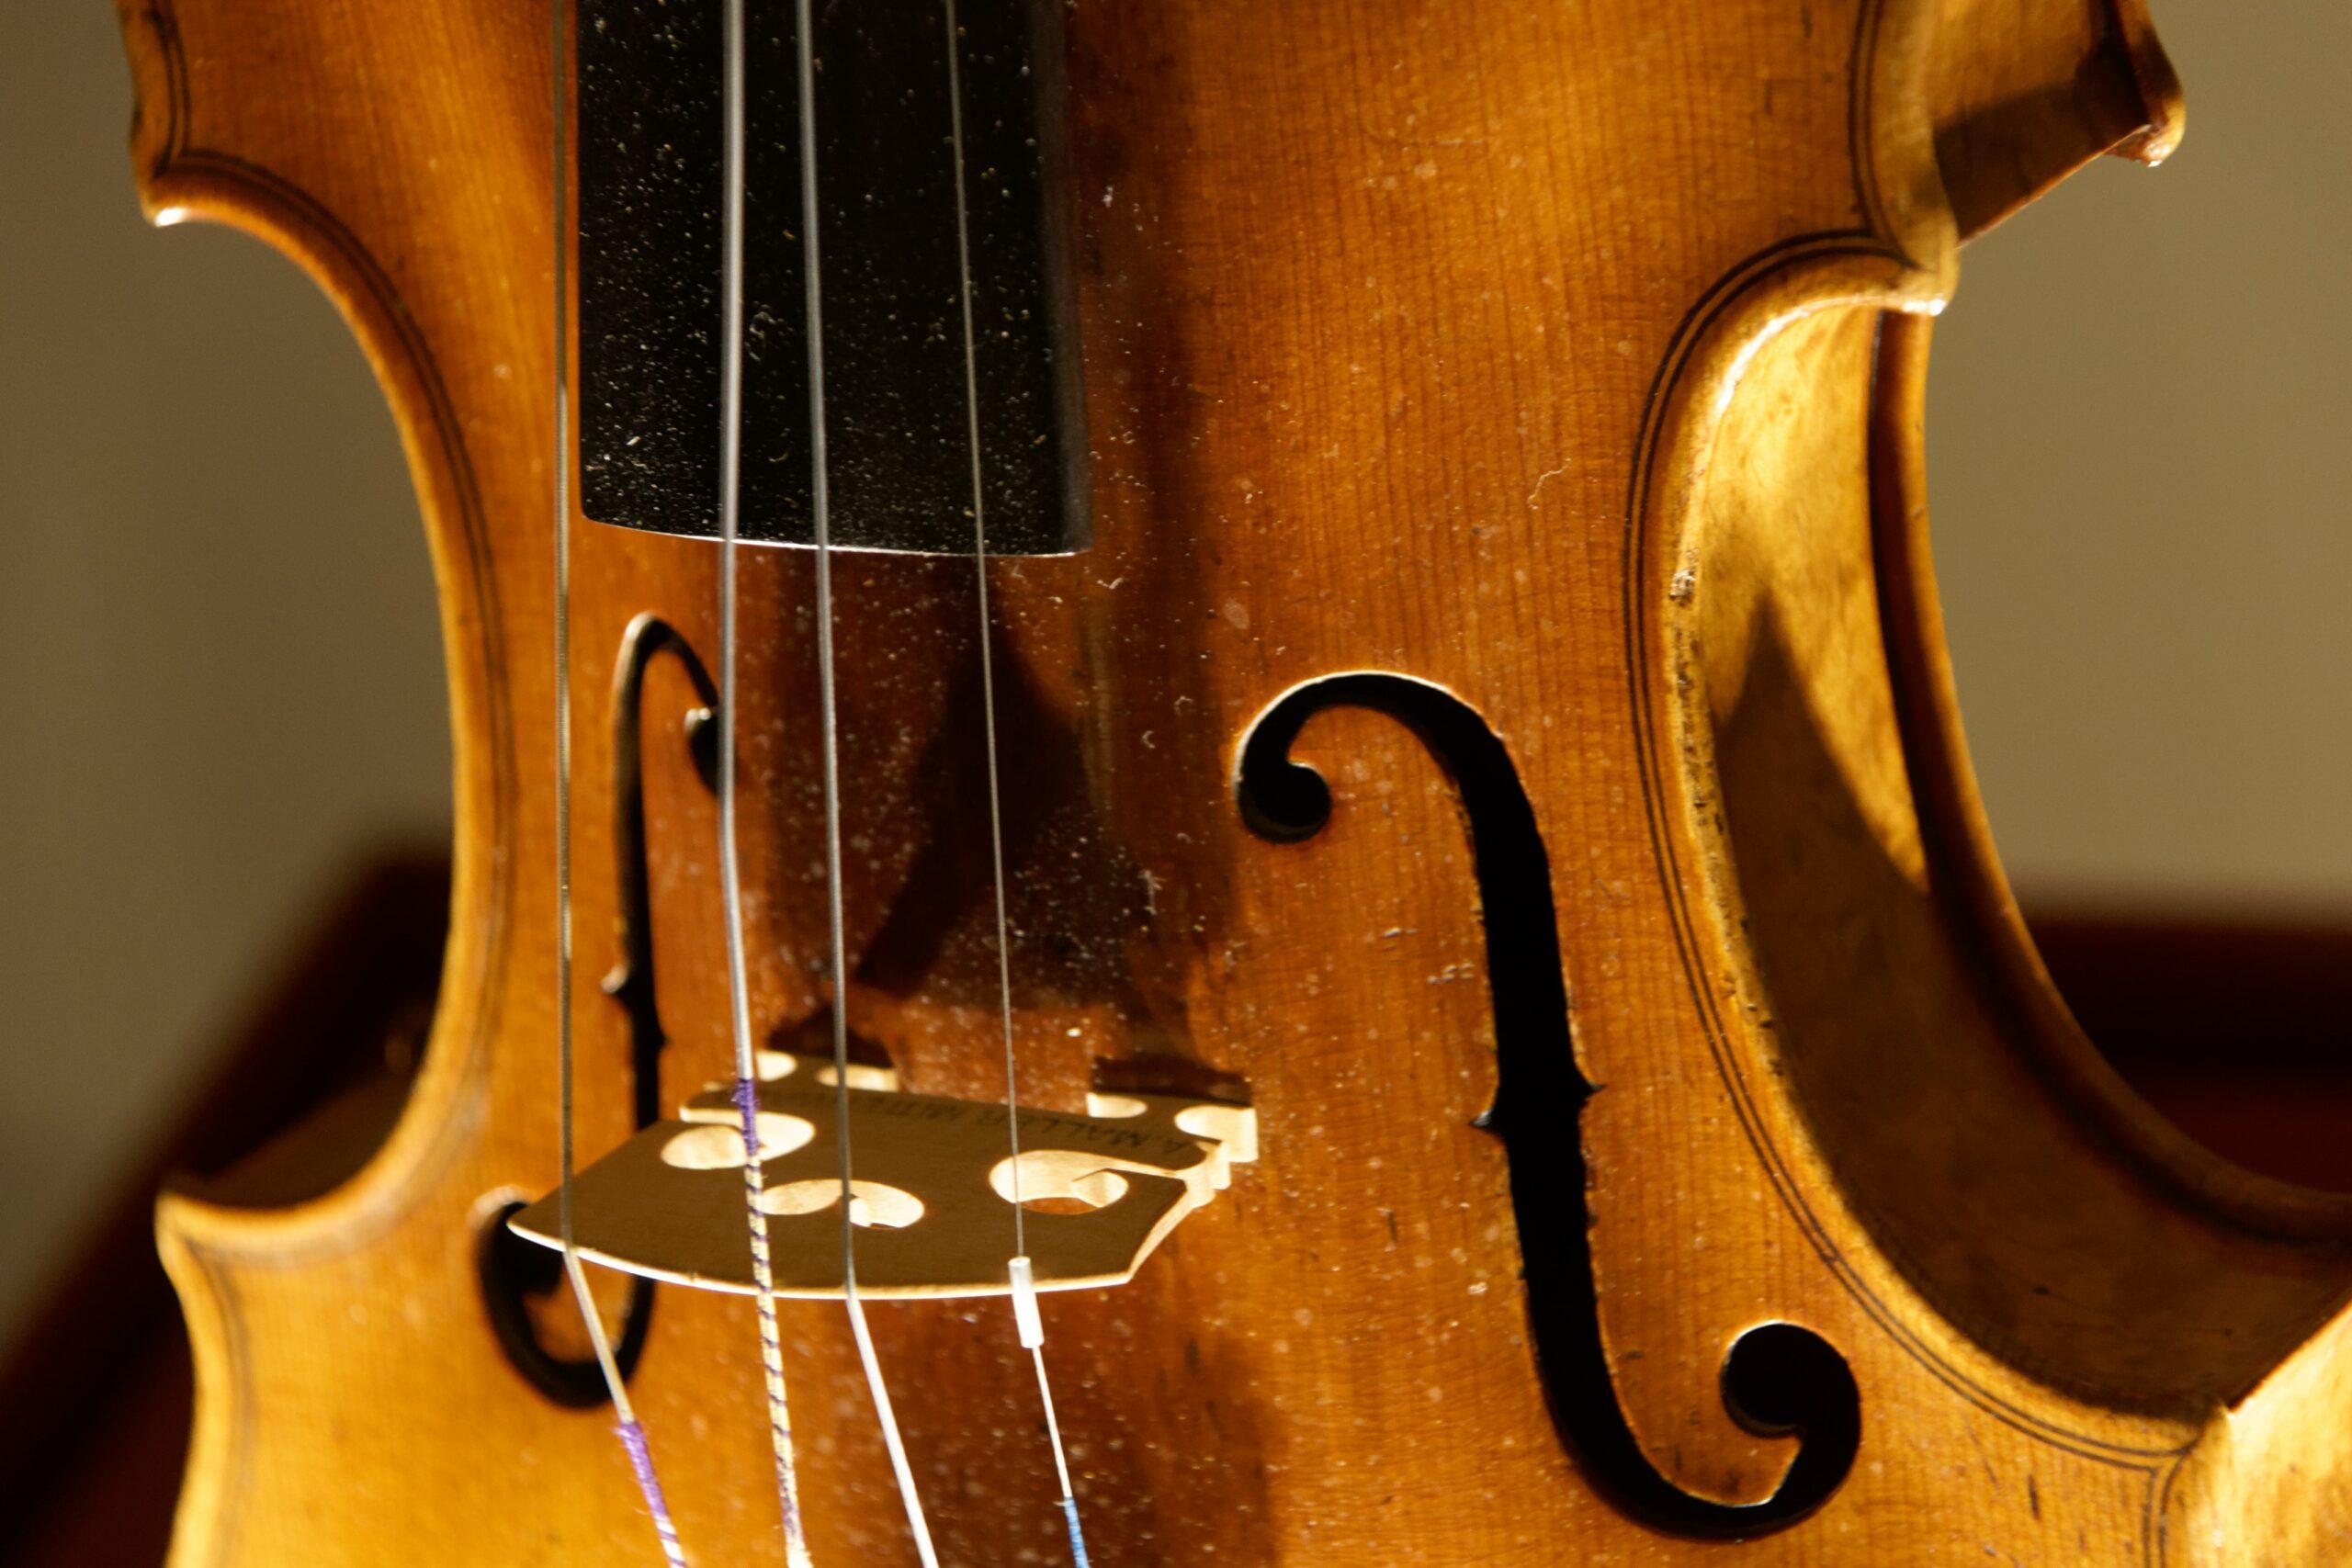 Serenade for Violin